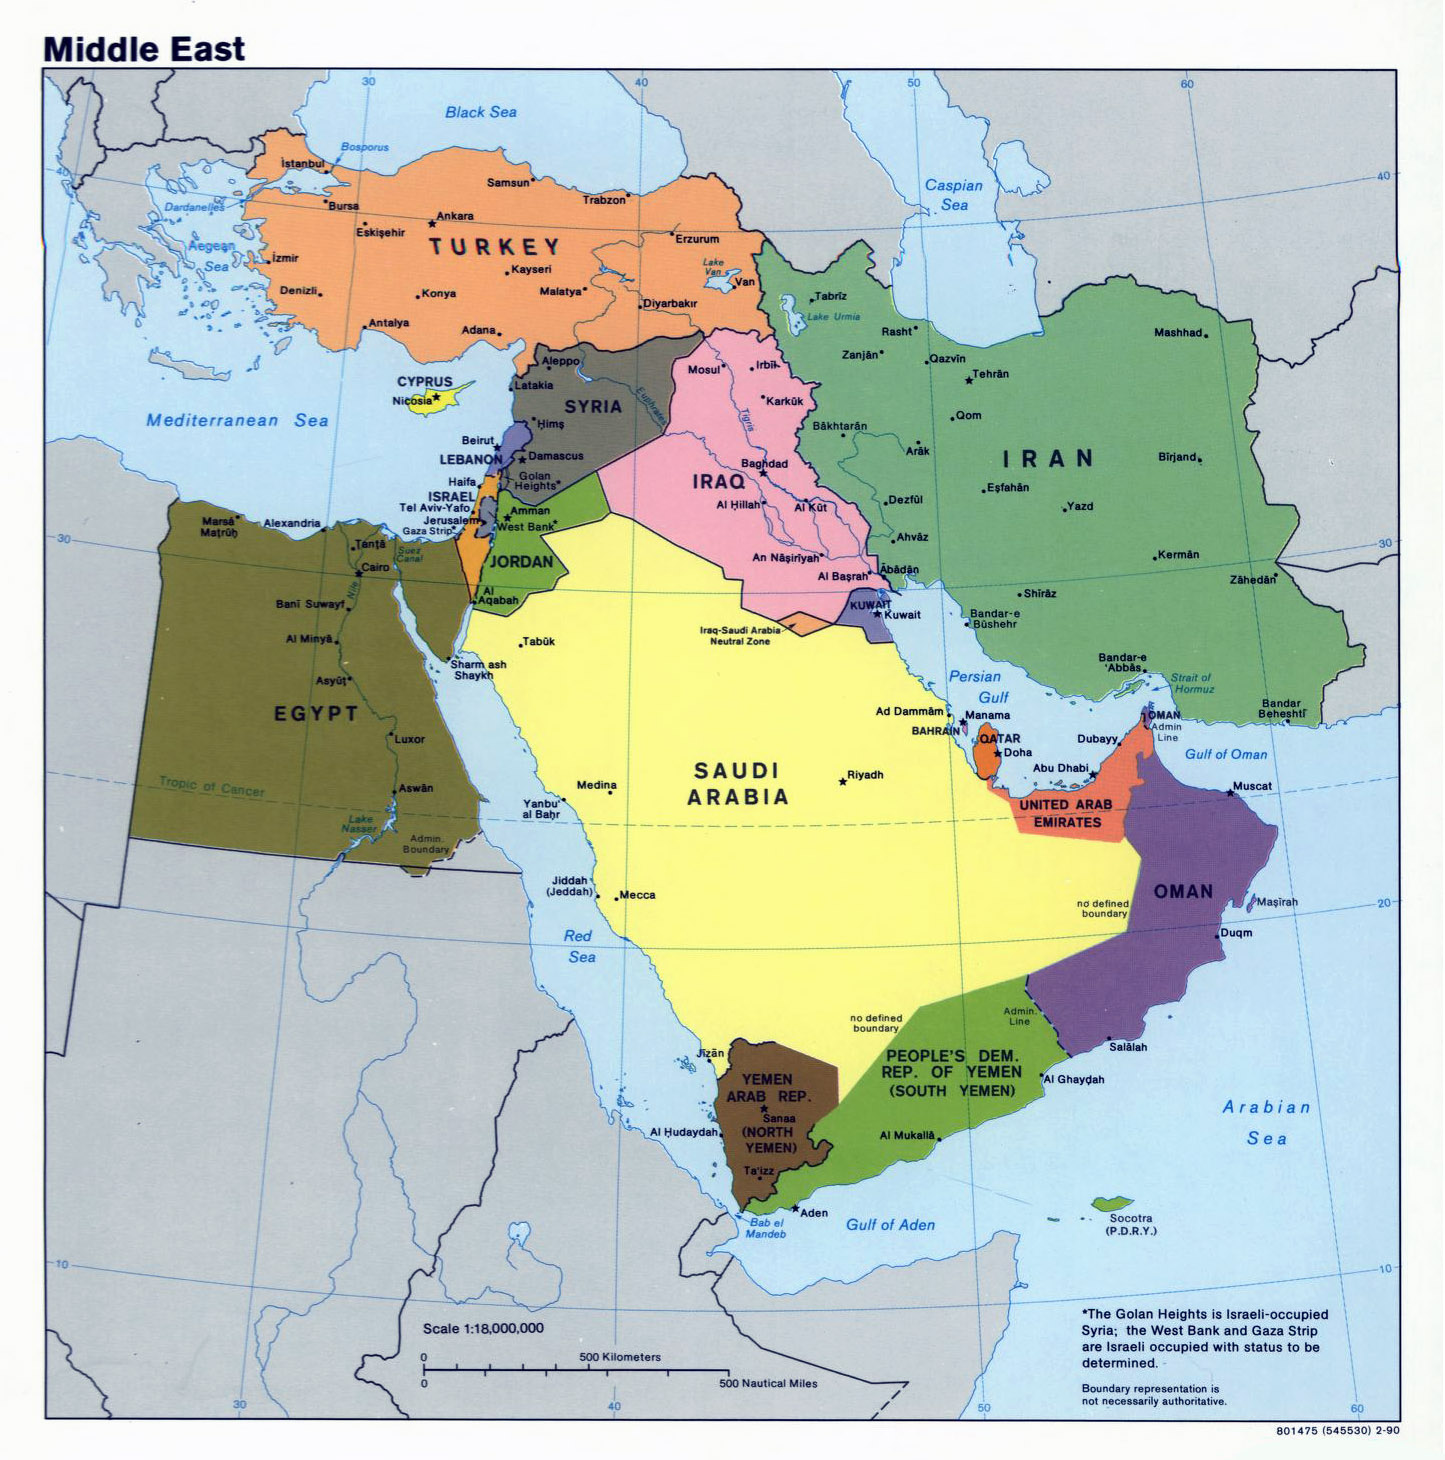 Mapa Politico Grande De Oriente Medio 1990 Medio Oriente